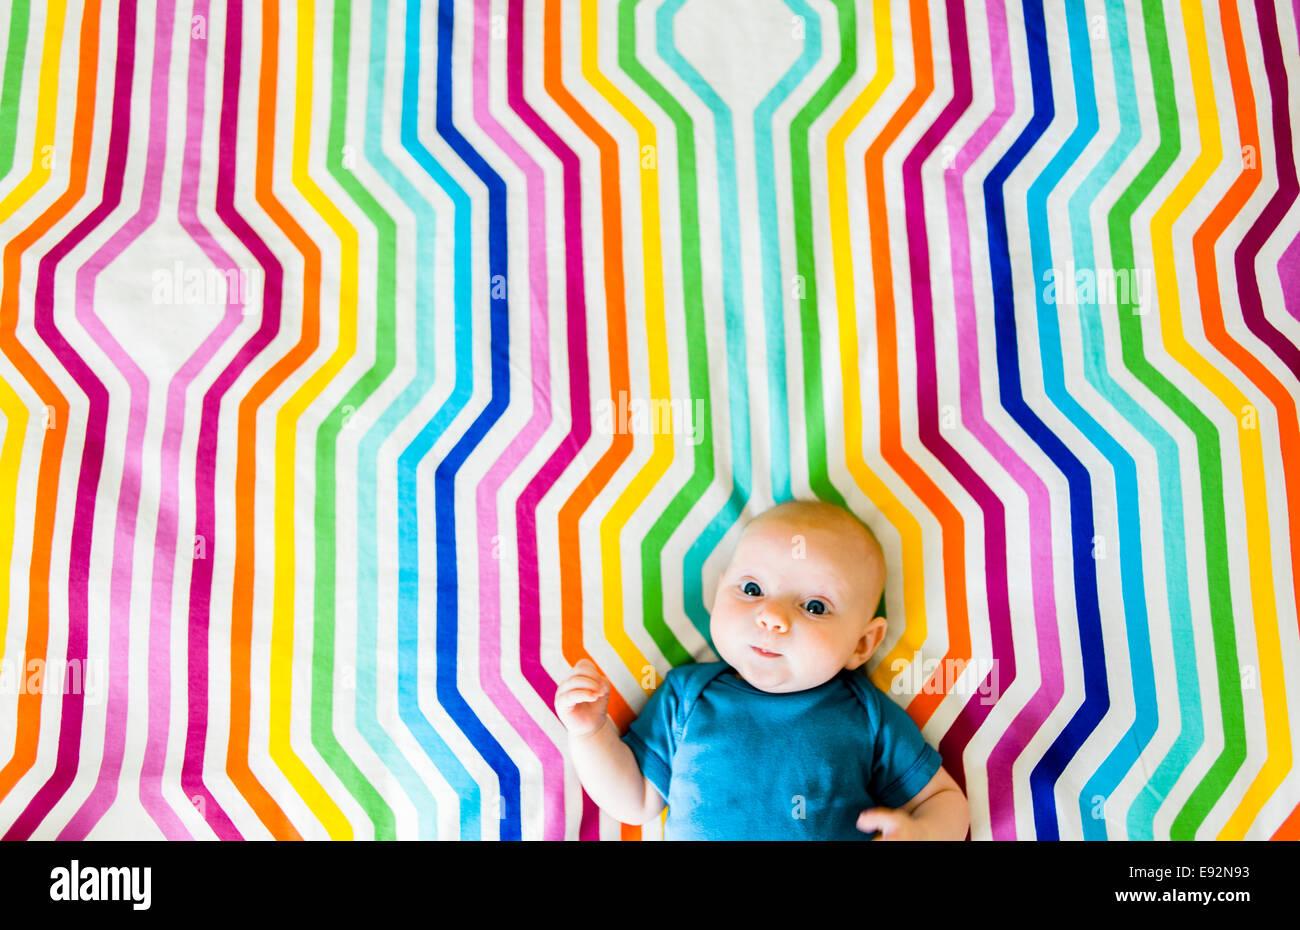 Baby recante sulla colorata tessuto geometrico, ad alto angolo di visione Immagini Stock